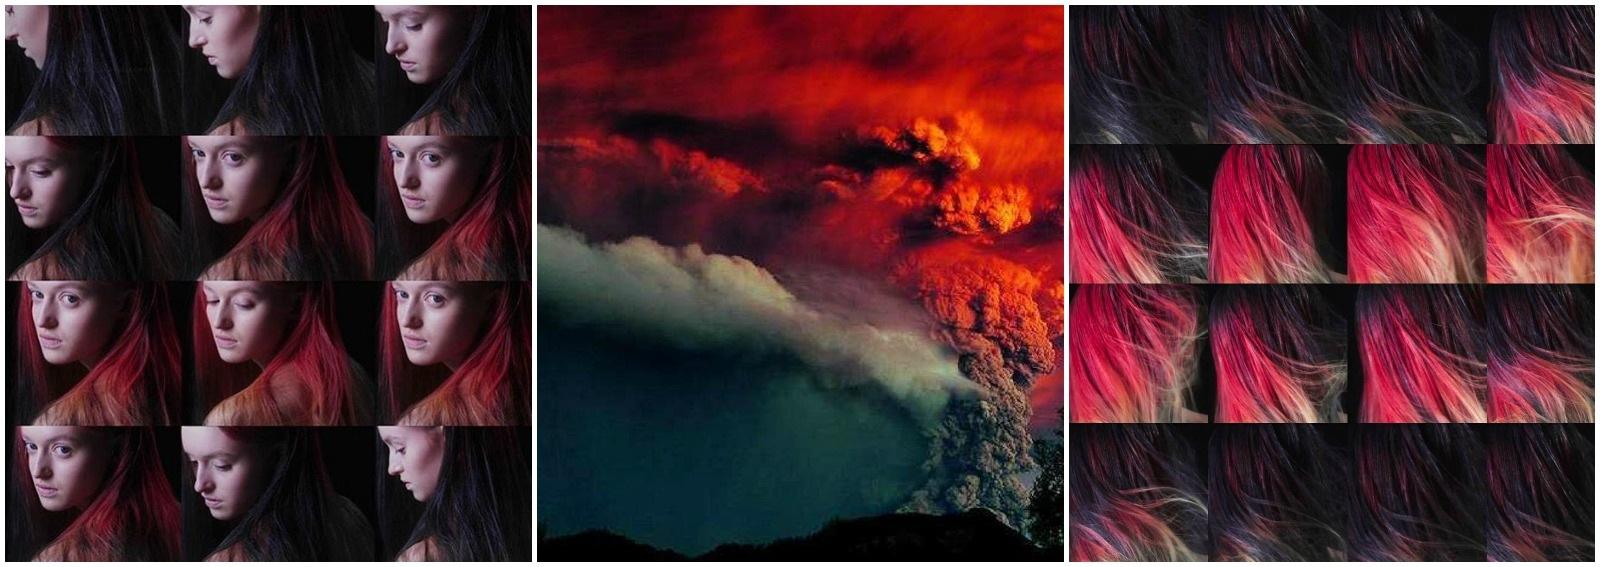 fire-dye-hair-capelli-che-cambiano-colore-cover desktop 01